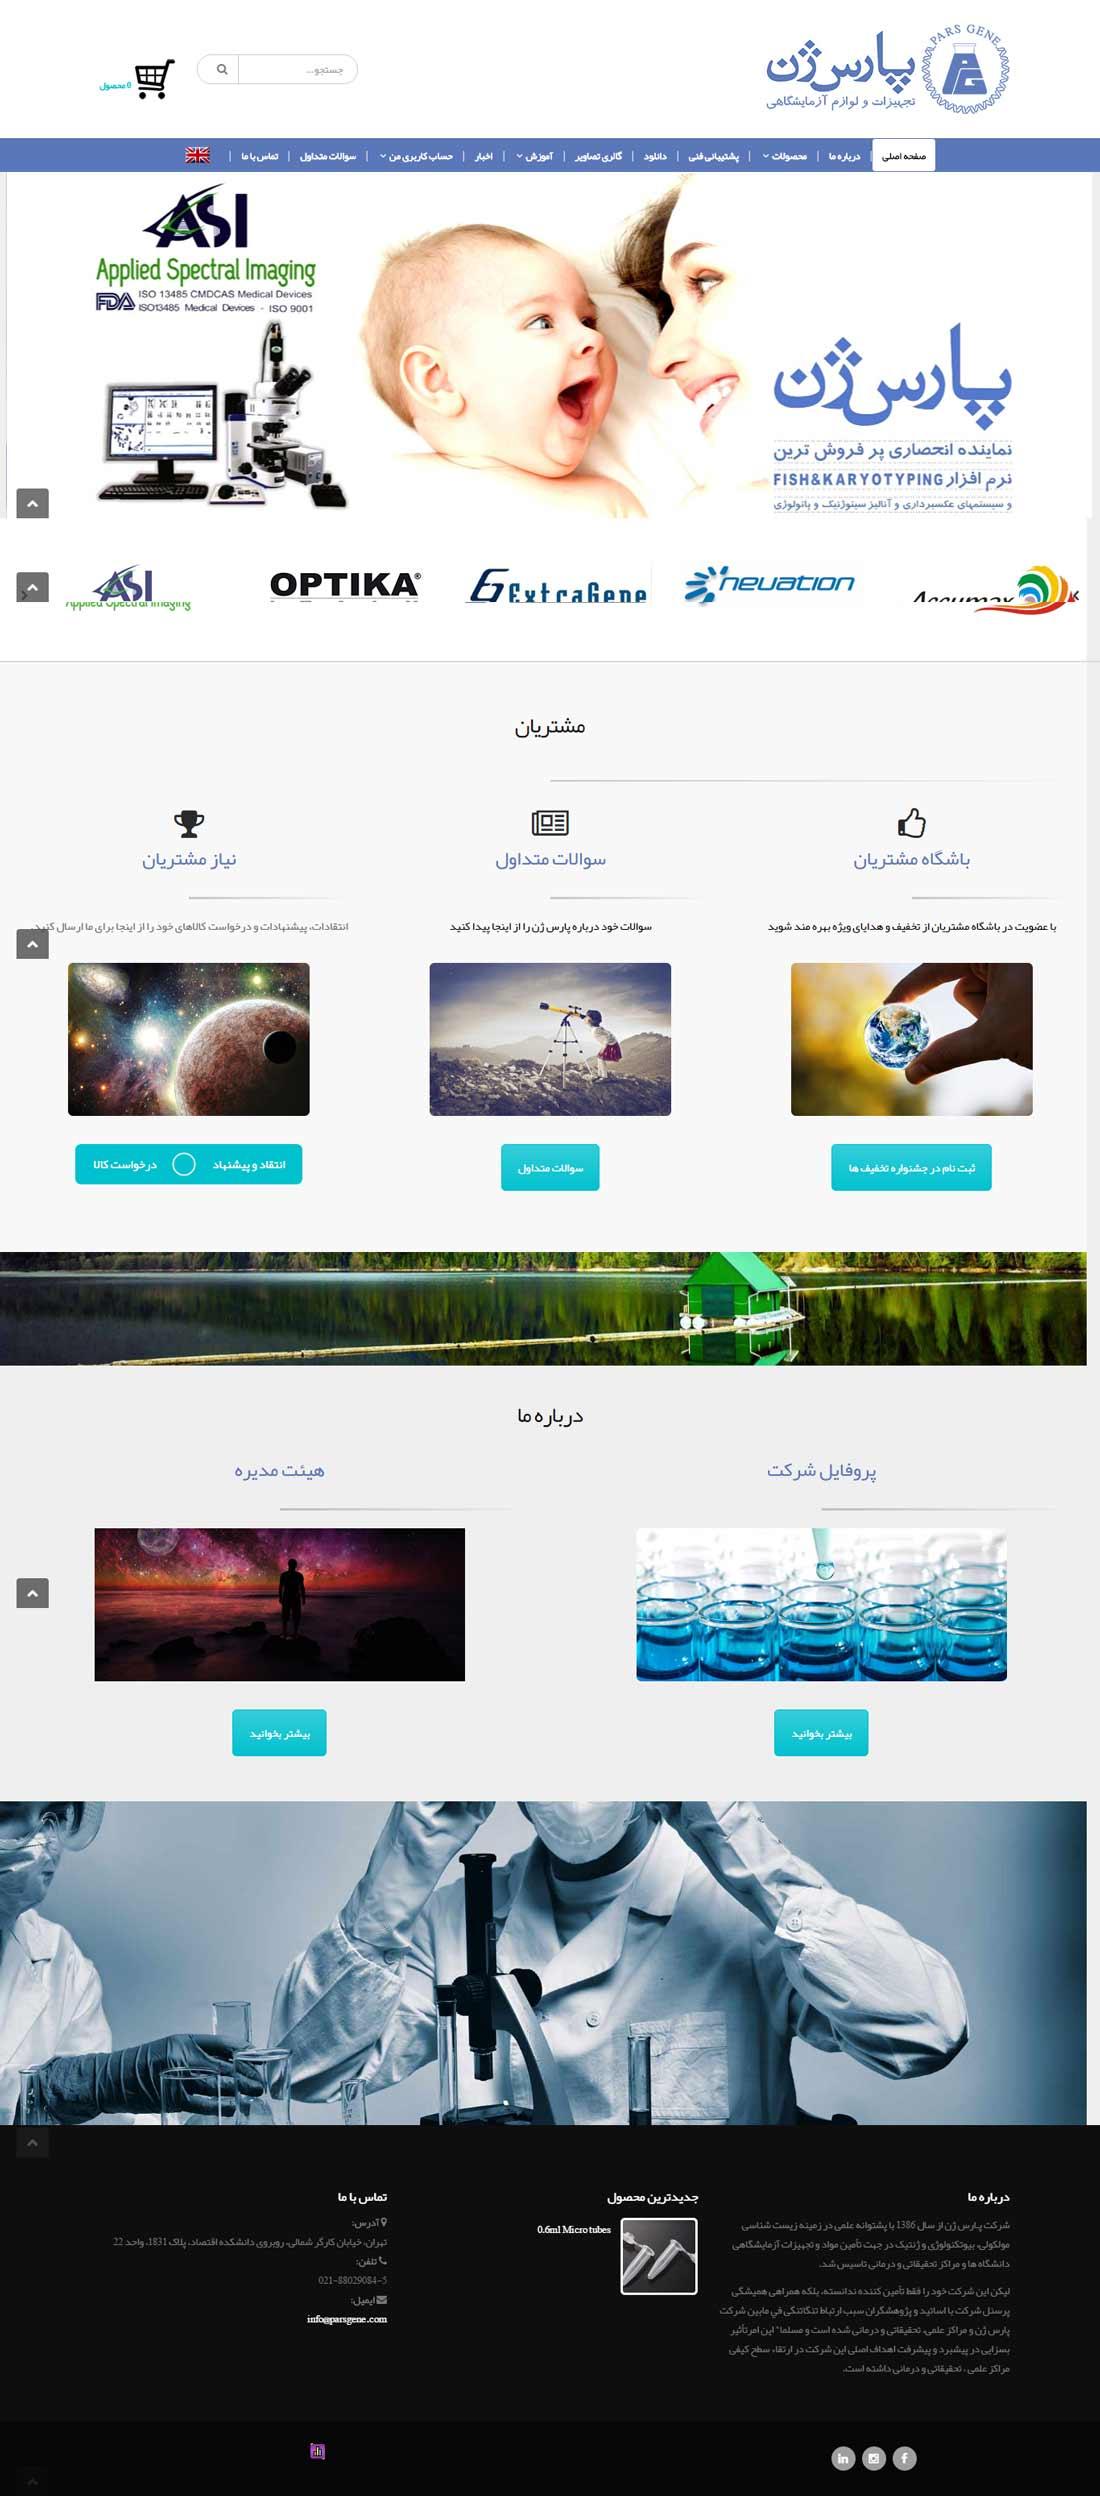 طراحی سایت شرکت تجهیزات آزمایشگاهی